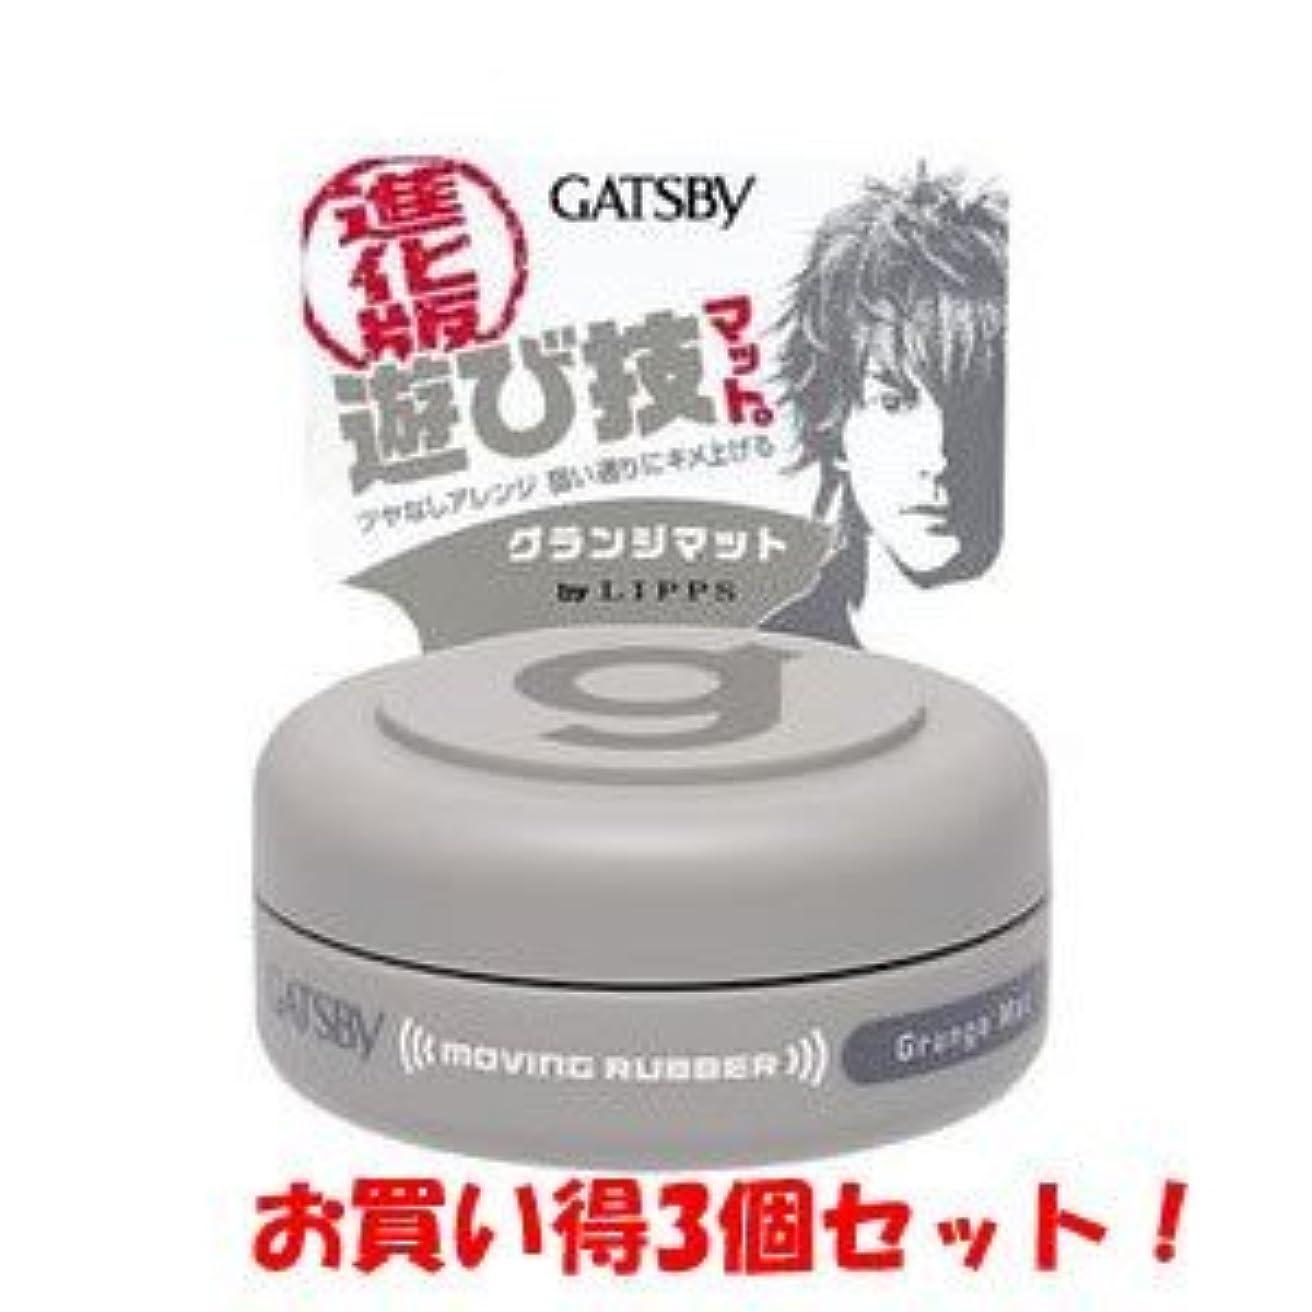 フォーラムデータマスタードギャツビー【GATSBY】ムービングラバー グランジマットモバイル 15g(お買い得3個セット)